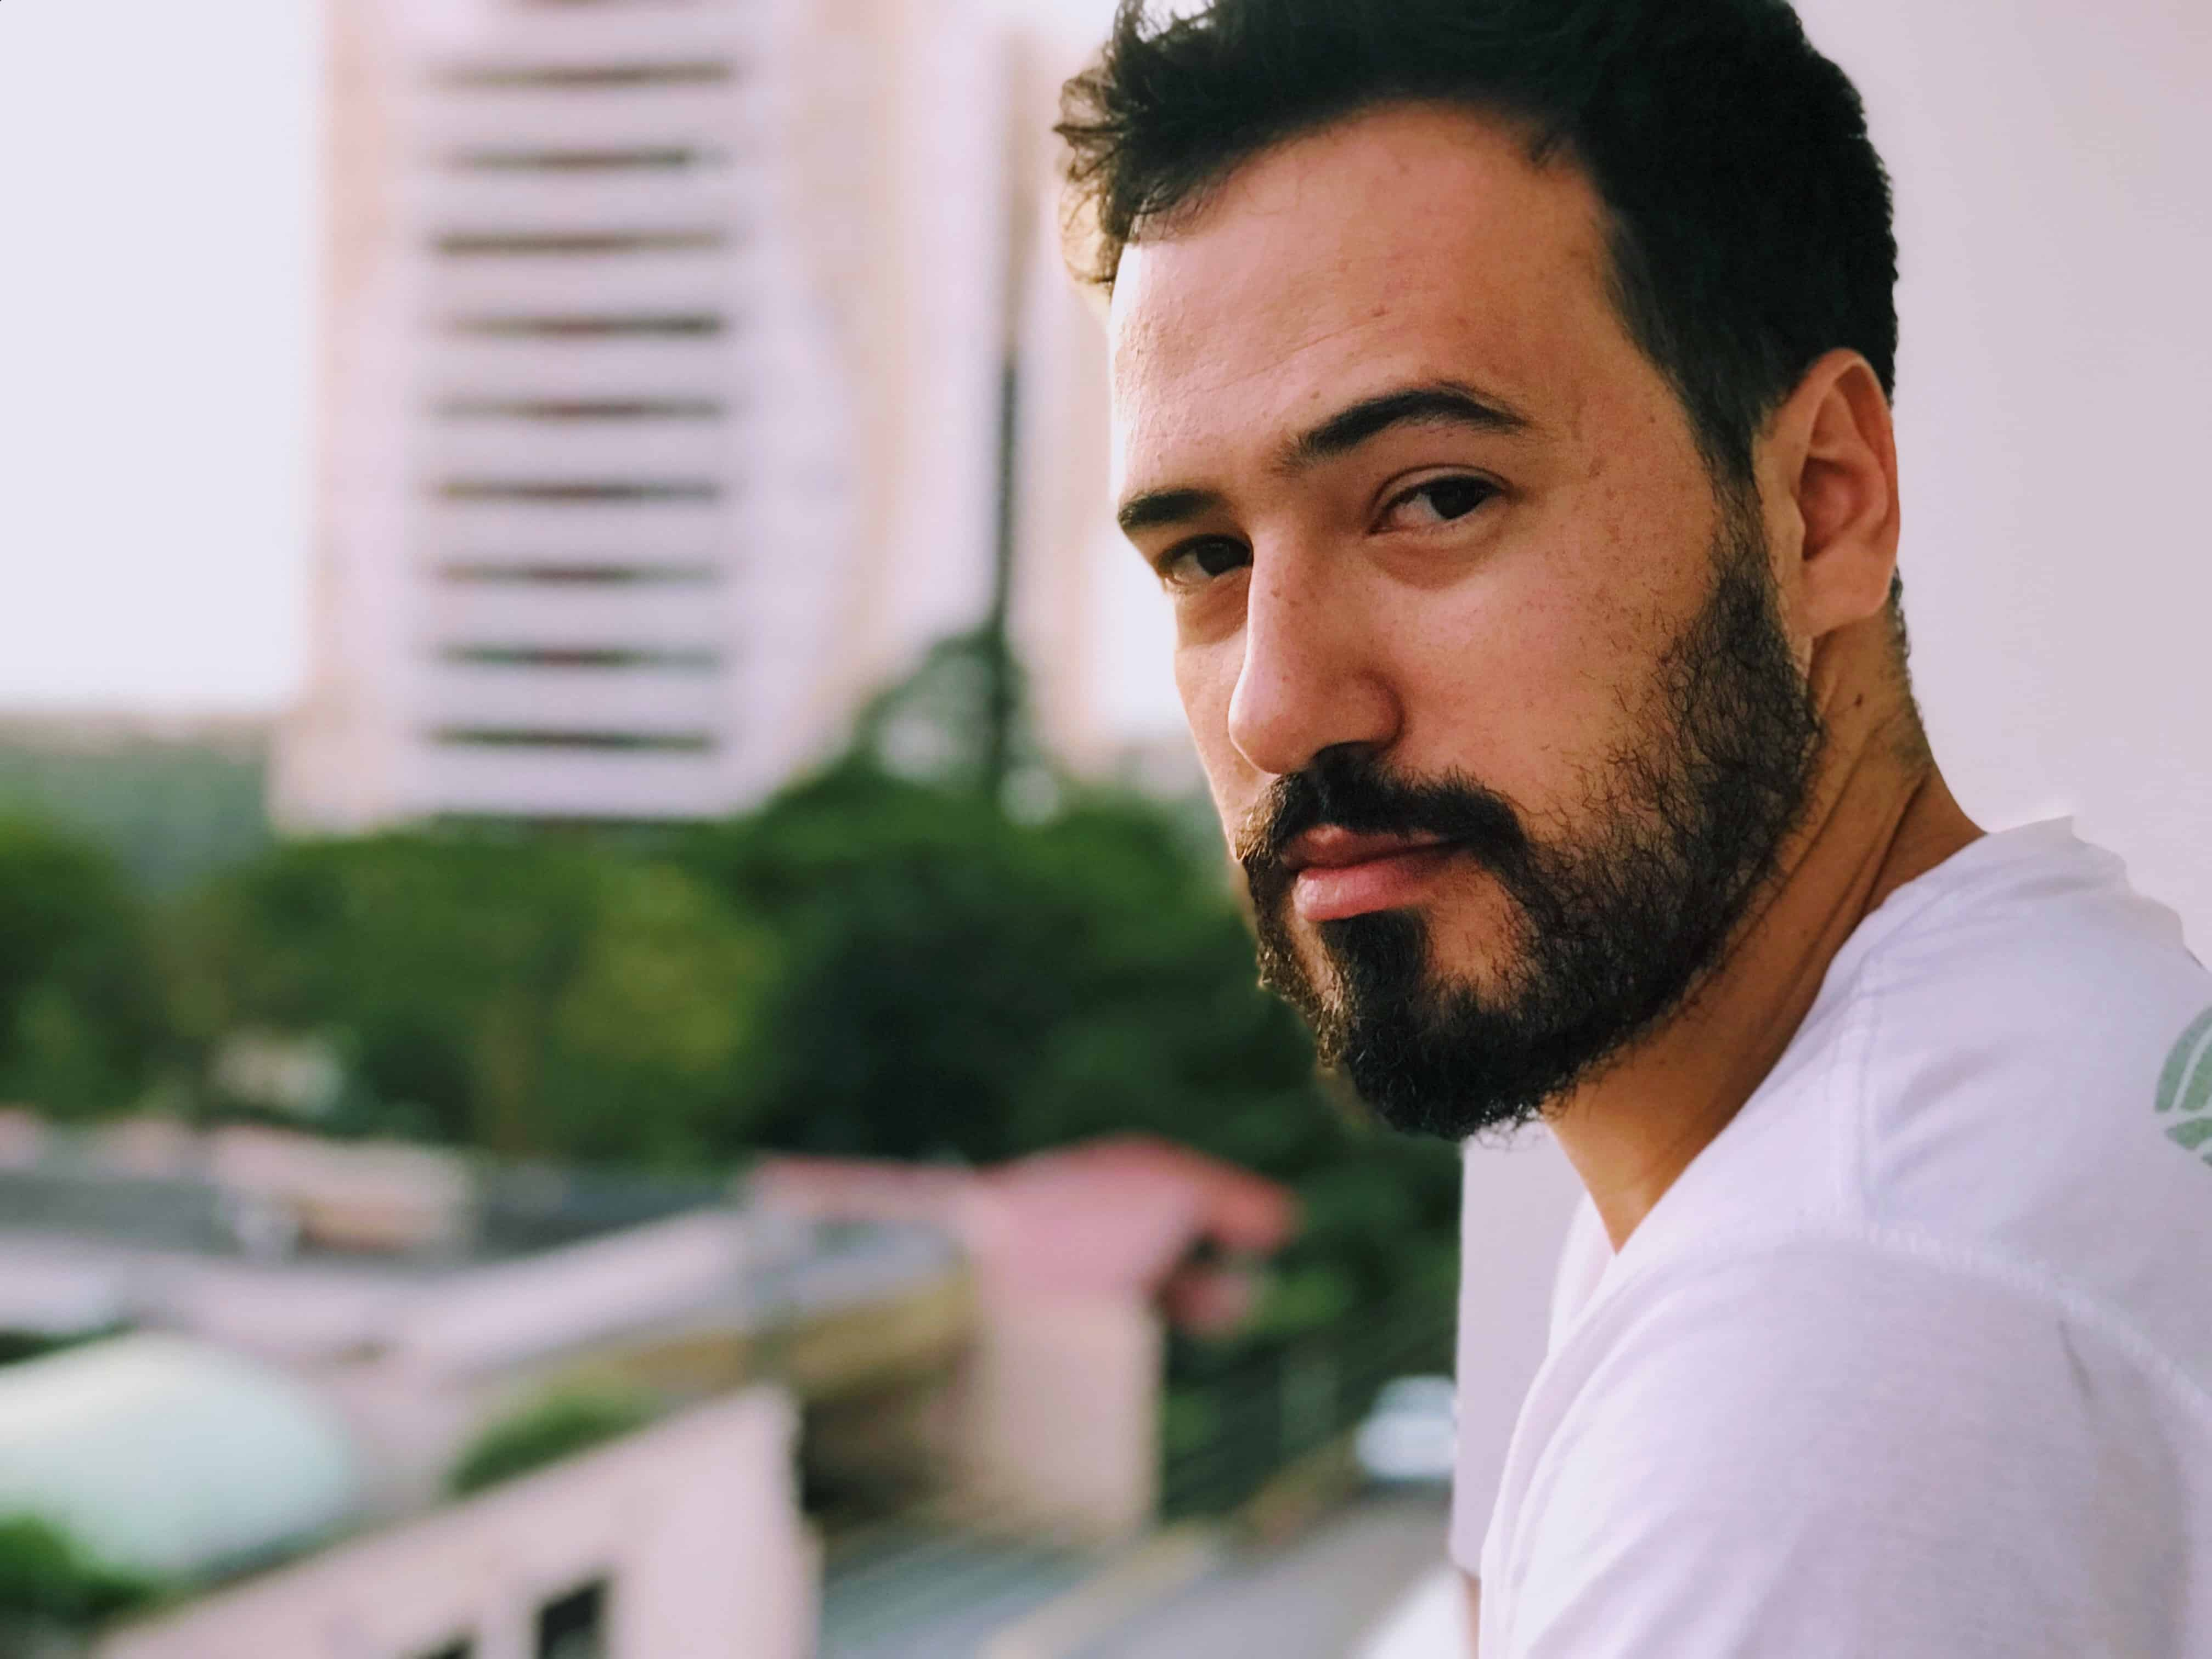 bel homme barbu debout sur le balcon